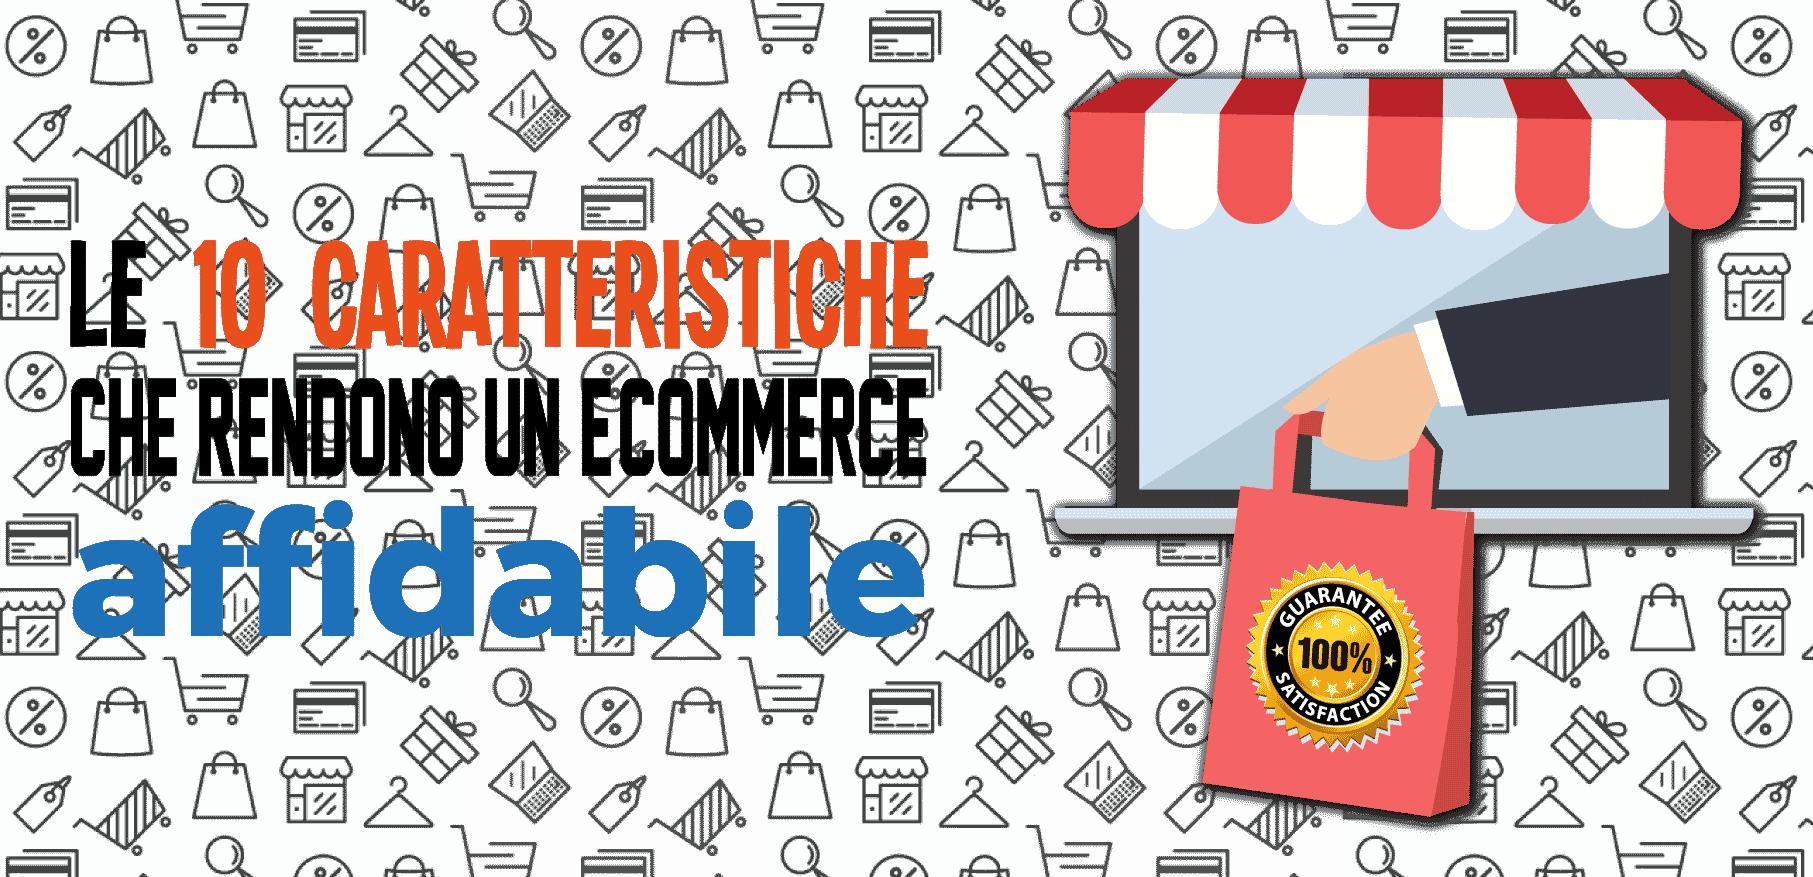 10 caratteristiche che rendono un e-commerce affidabile